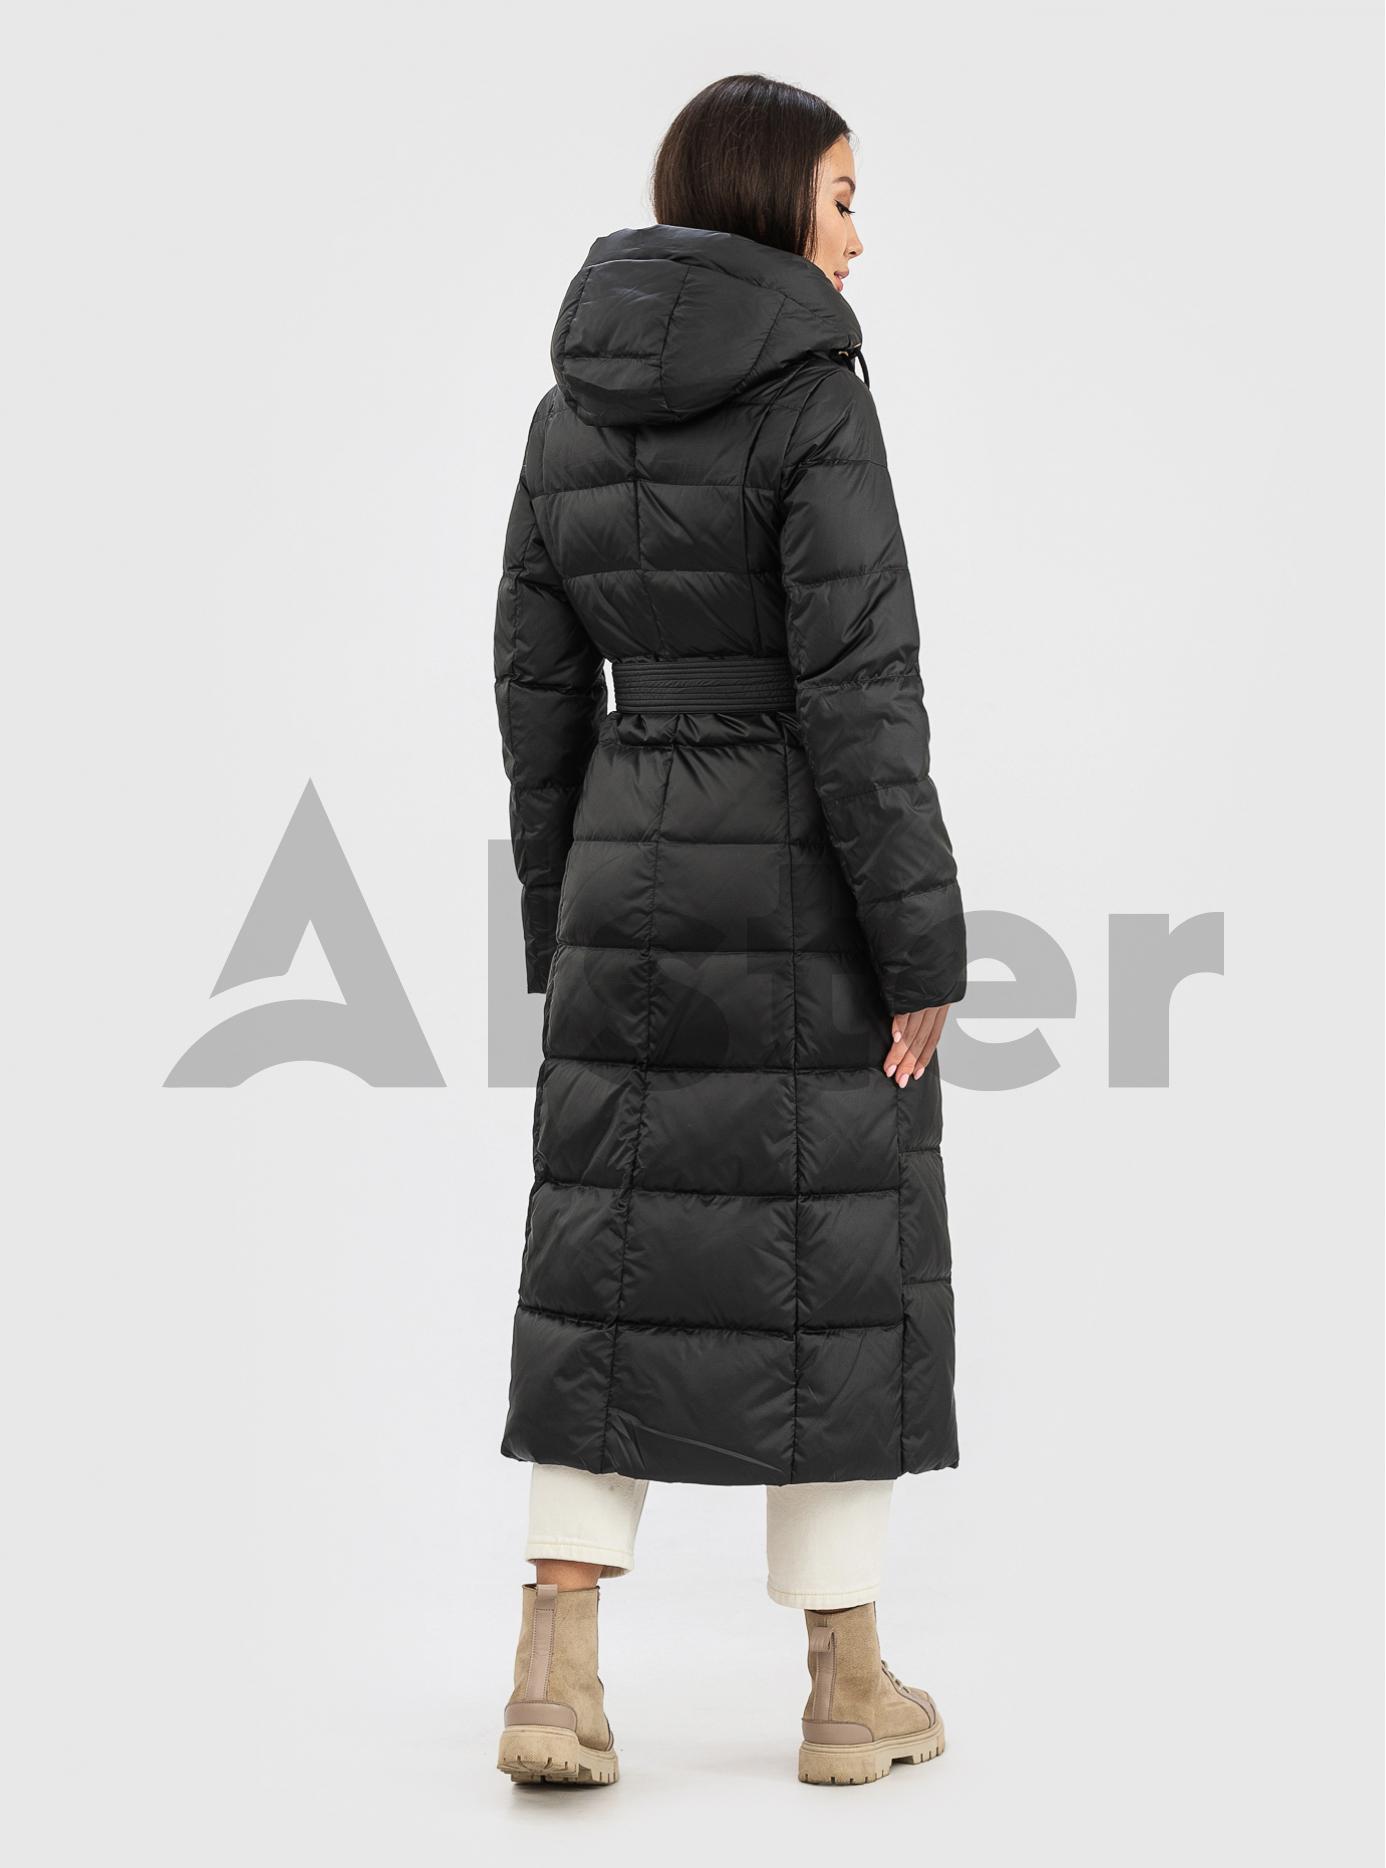 Пуховик зимний длинный с поясом CLASNA CW21D255DW Чёрный S (01-N200544): фото - Alster.ua